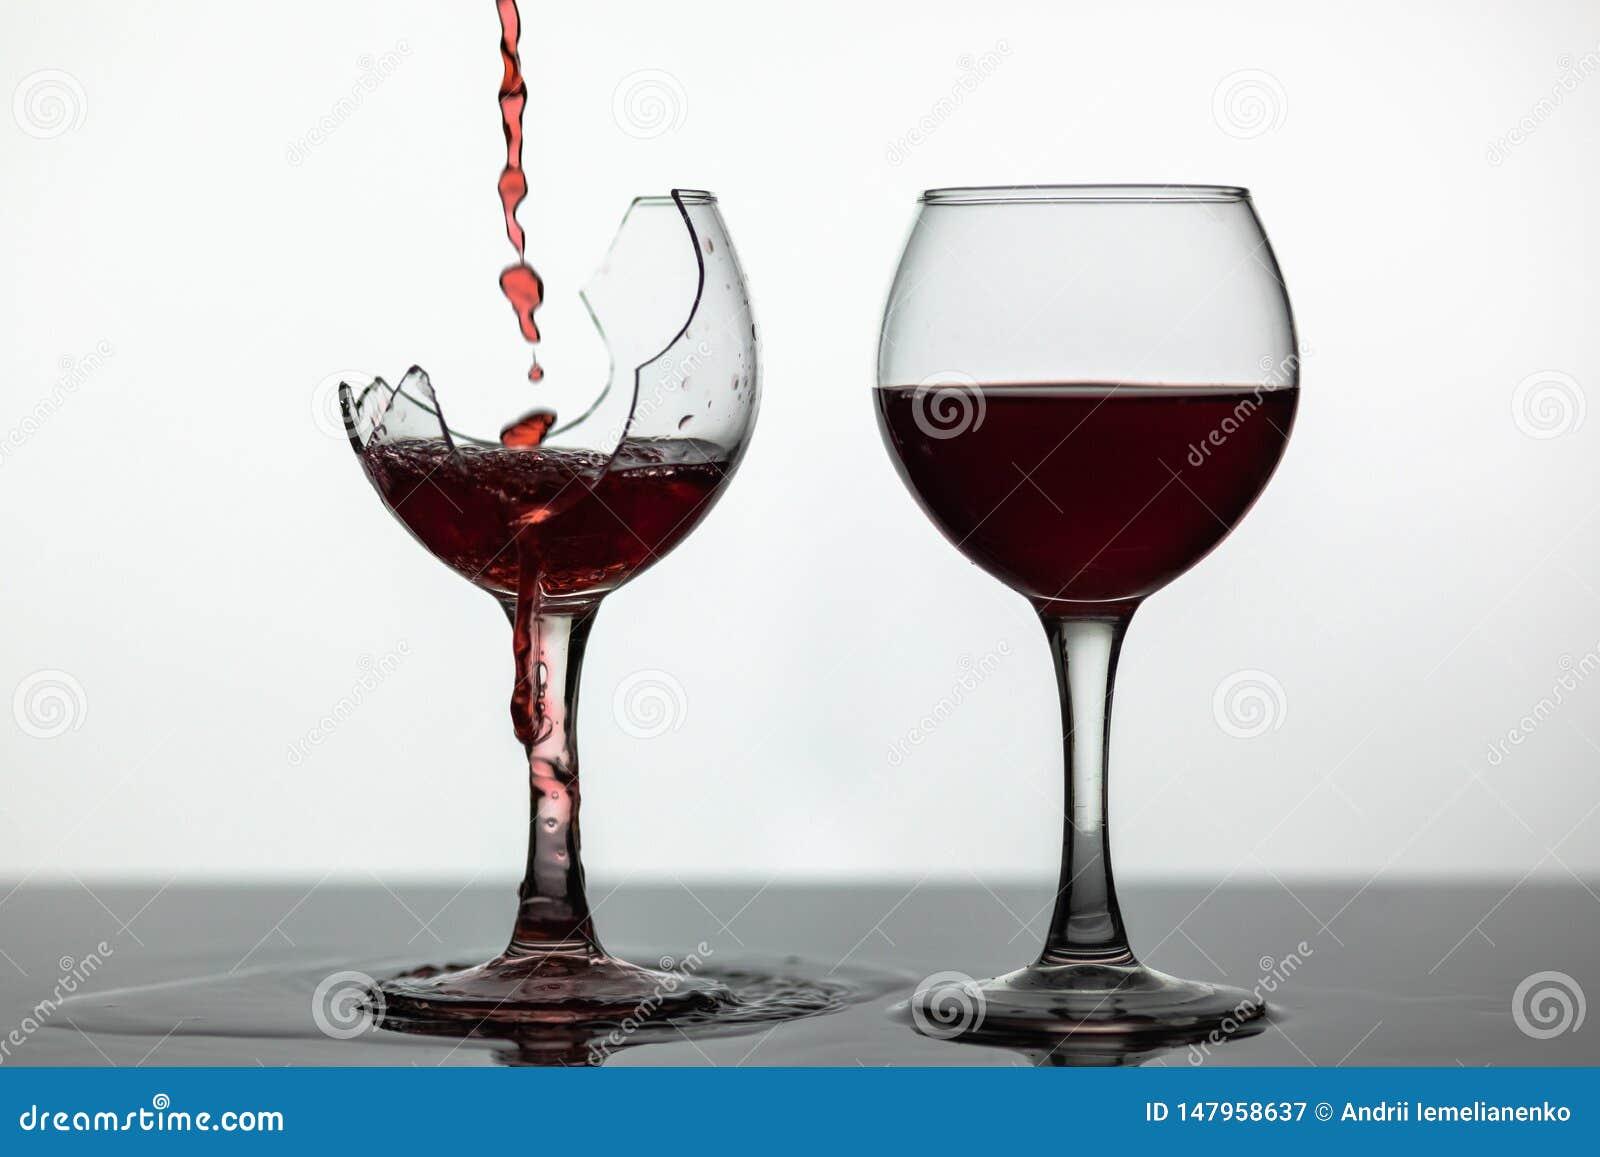 Vino tinto que vierte en la copa de vino quebrada en la superficie mojada El vino rosado Vierte